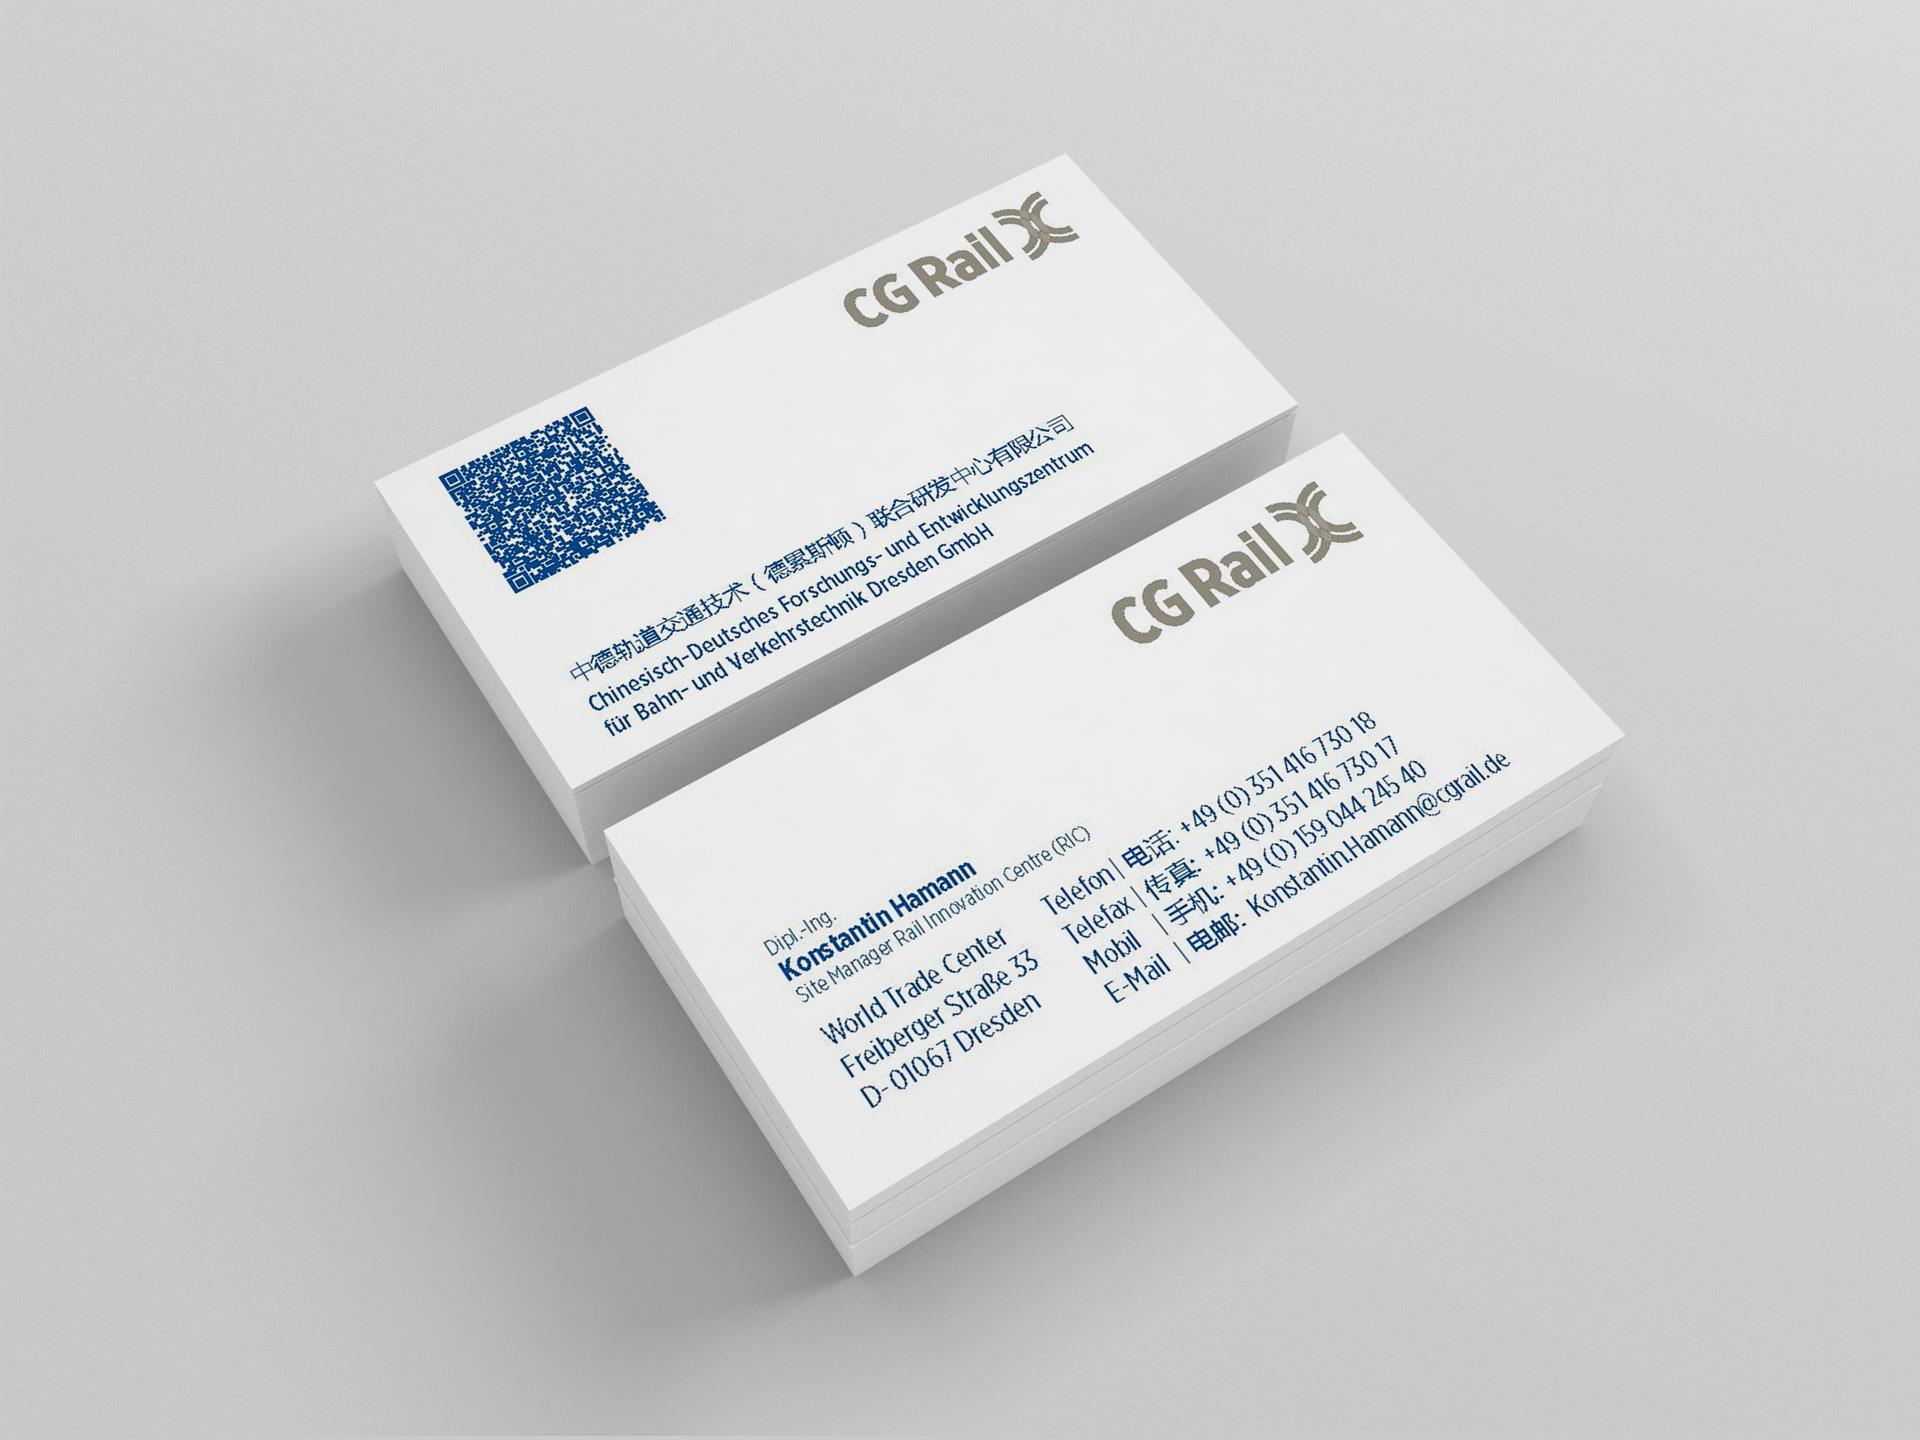 CG Rail Visitenkarten Design